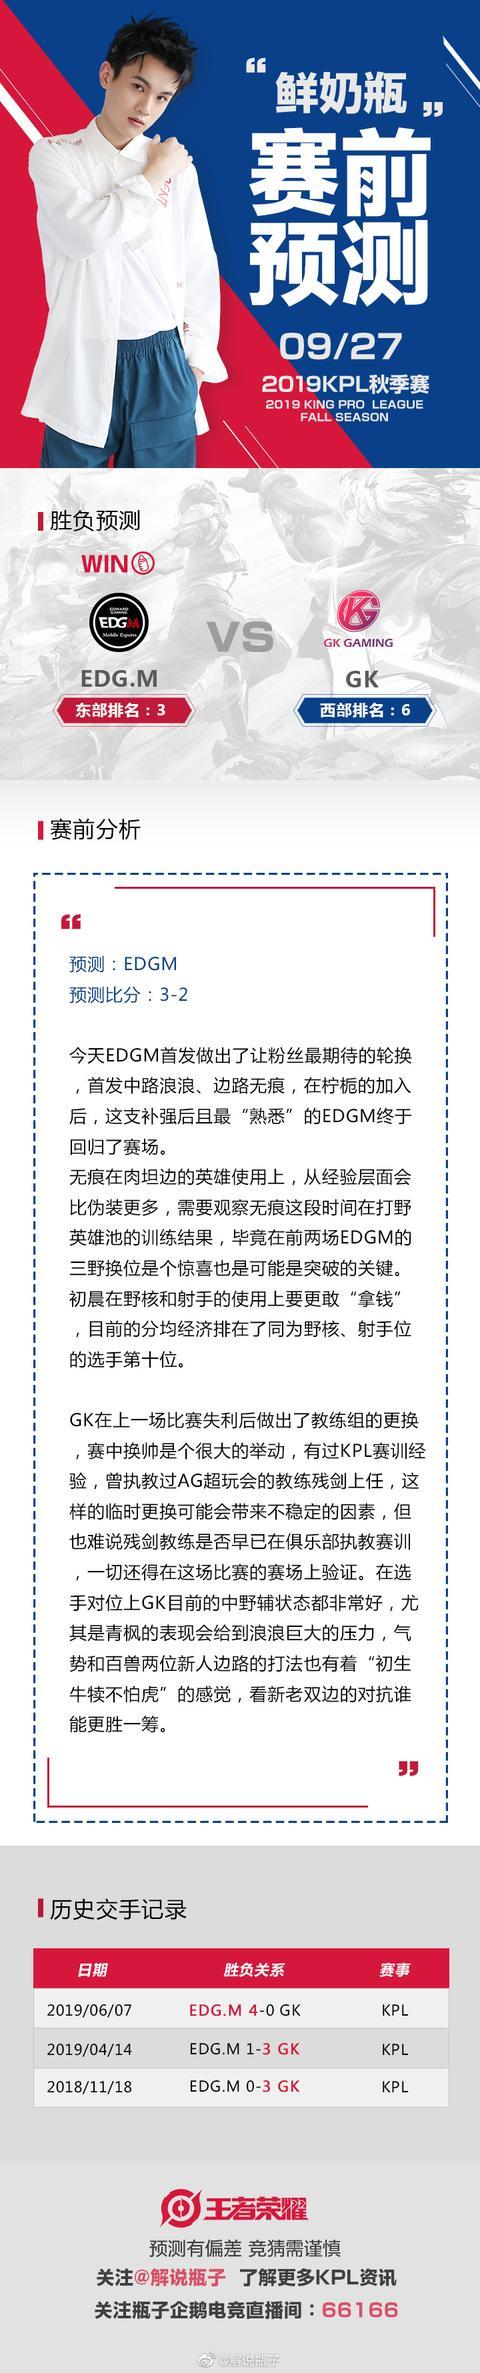 王者榮耀:瓶子預測KPL,EDG.M與RNG.M會取得勝利